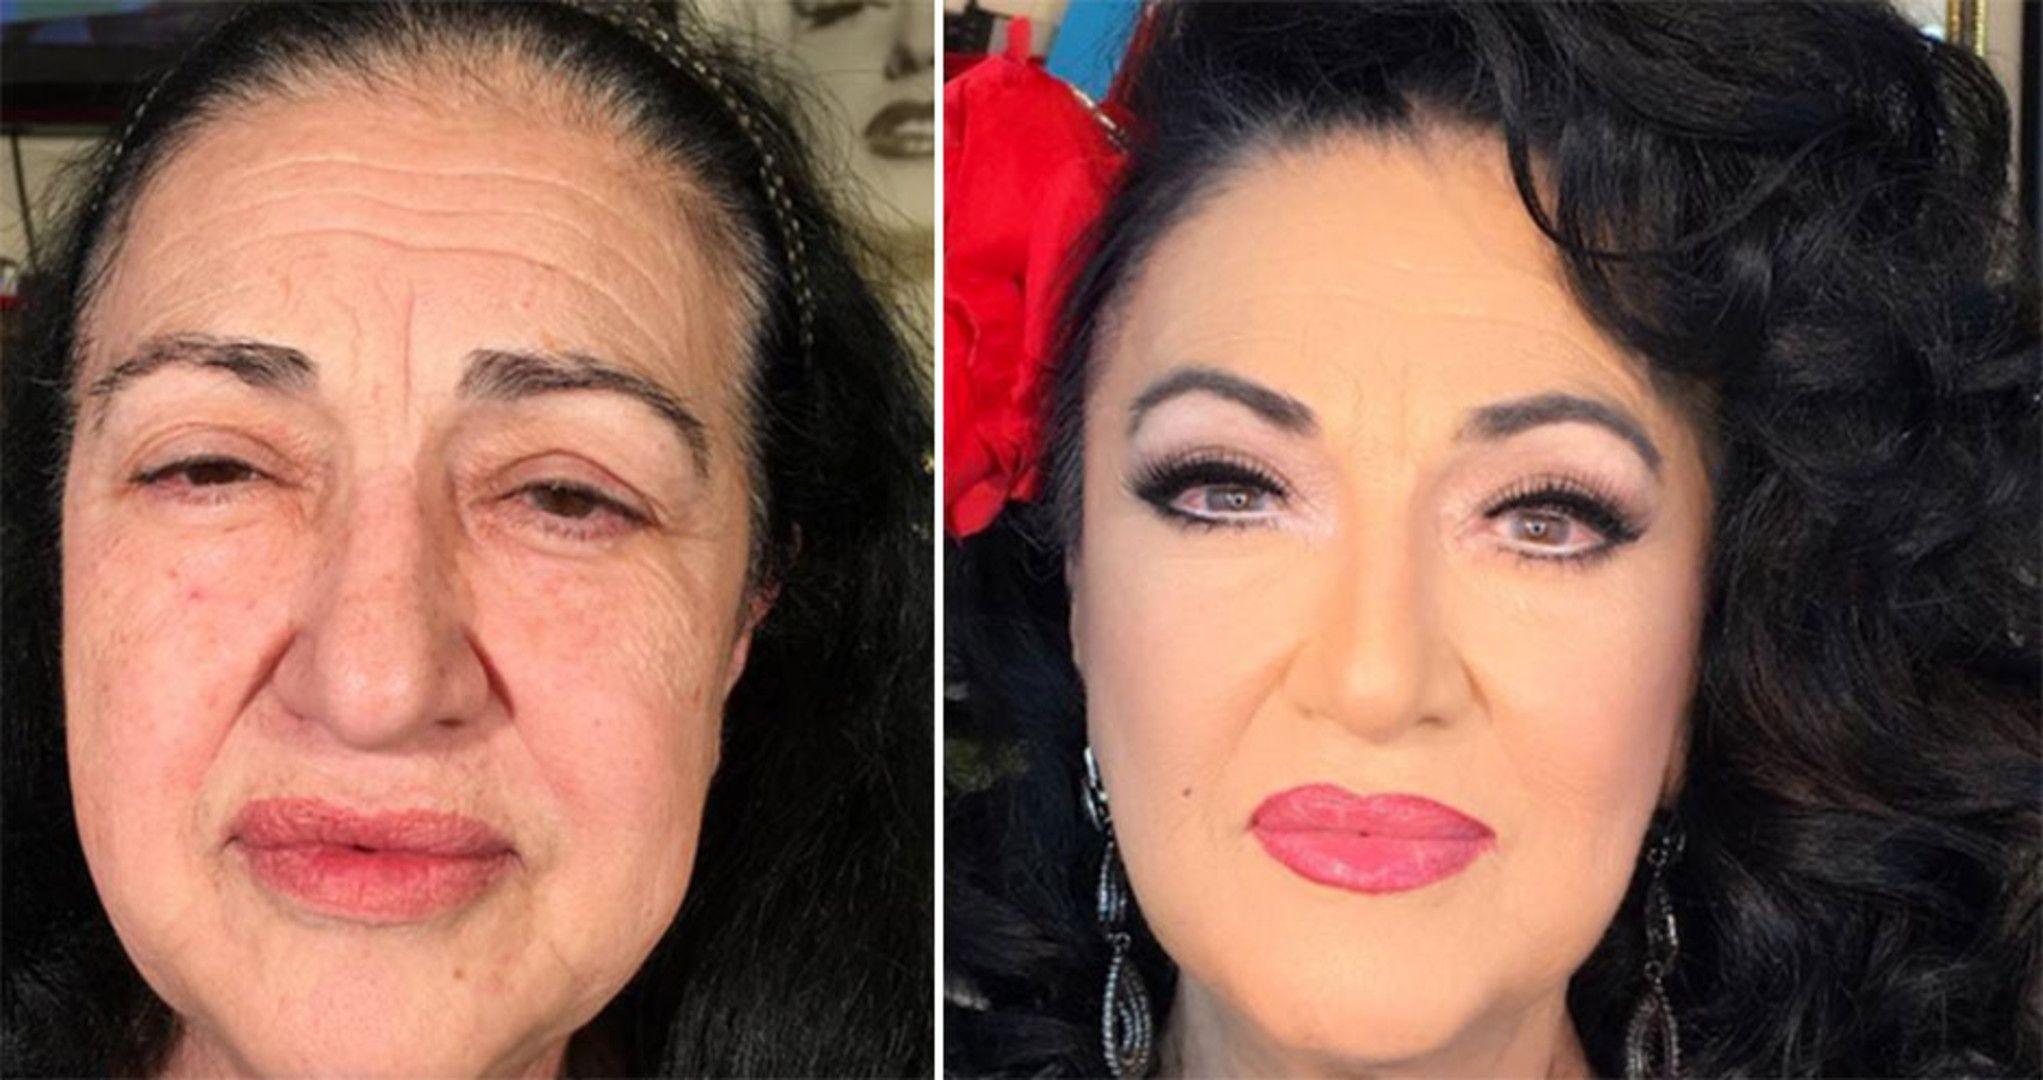 Unglaublicher Wandel Alterer Frauen Mit Make Up Make Up Altere Frauen Alte Frau Schonheit